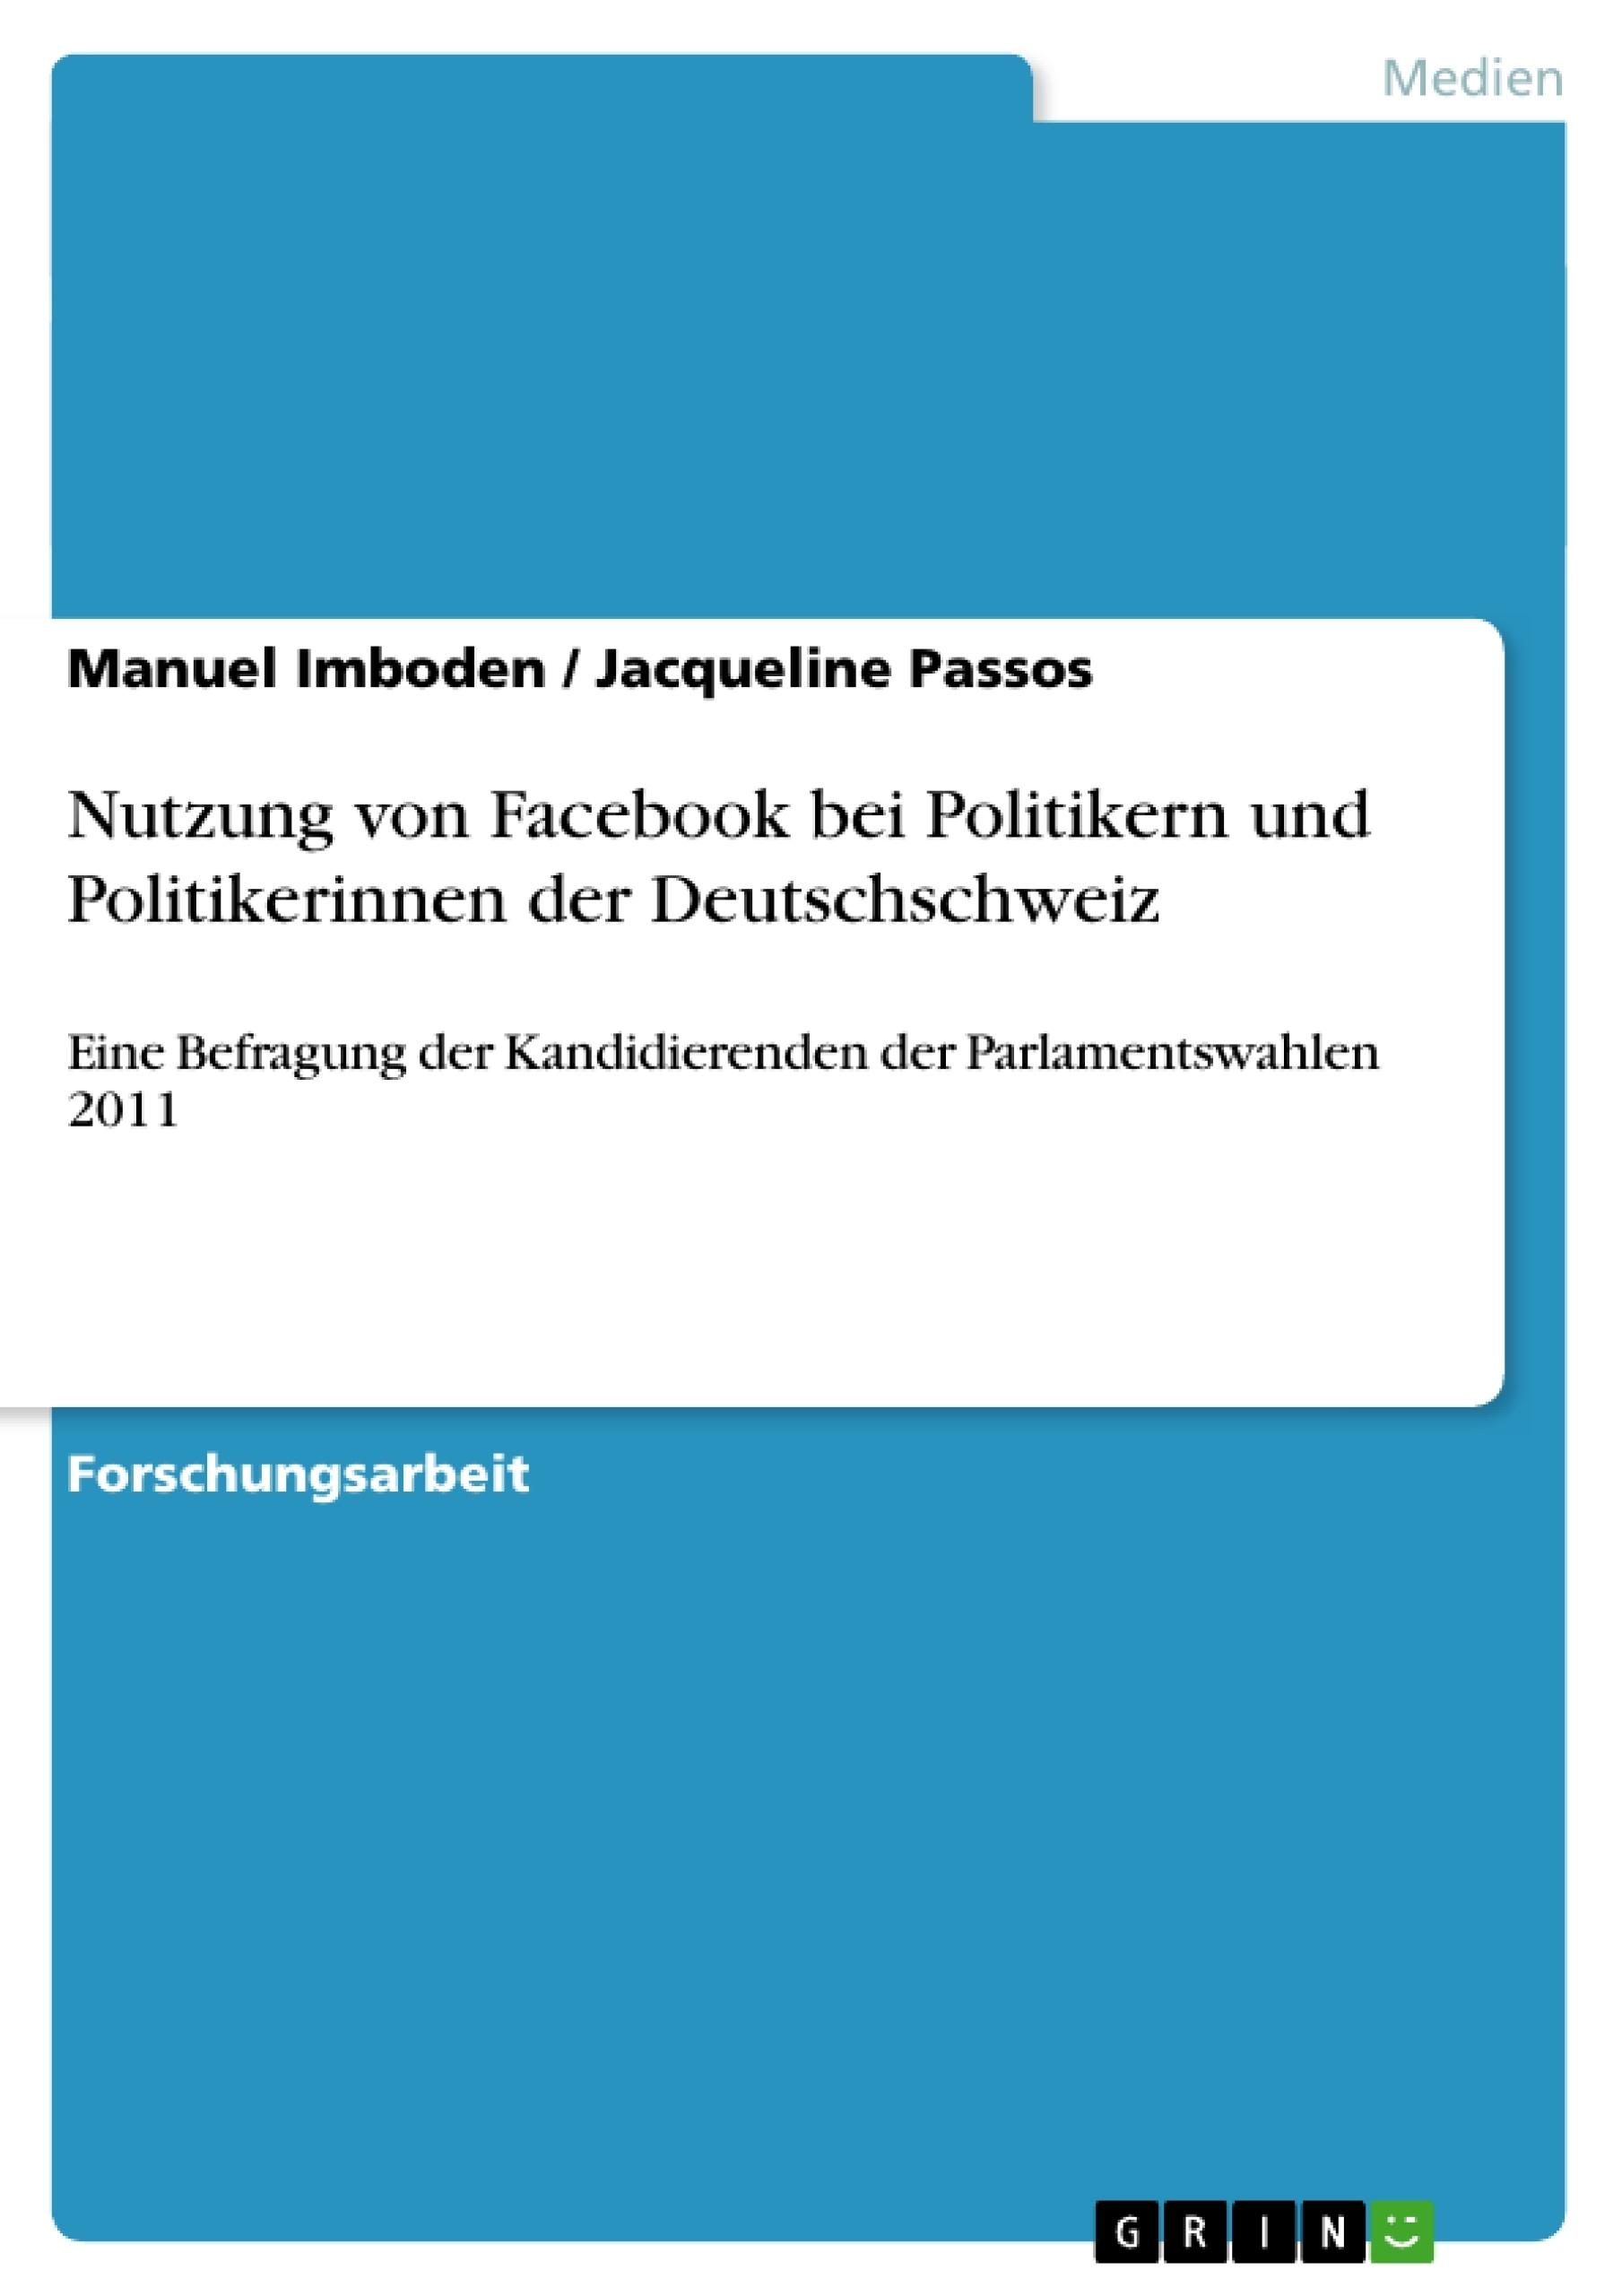 Titel: Nutzung von Facebook bei Politikern und Politikerinnen der Deutschschweiz